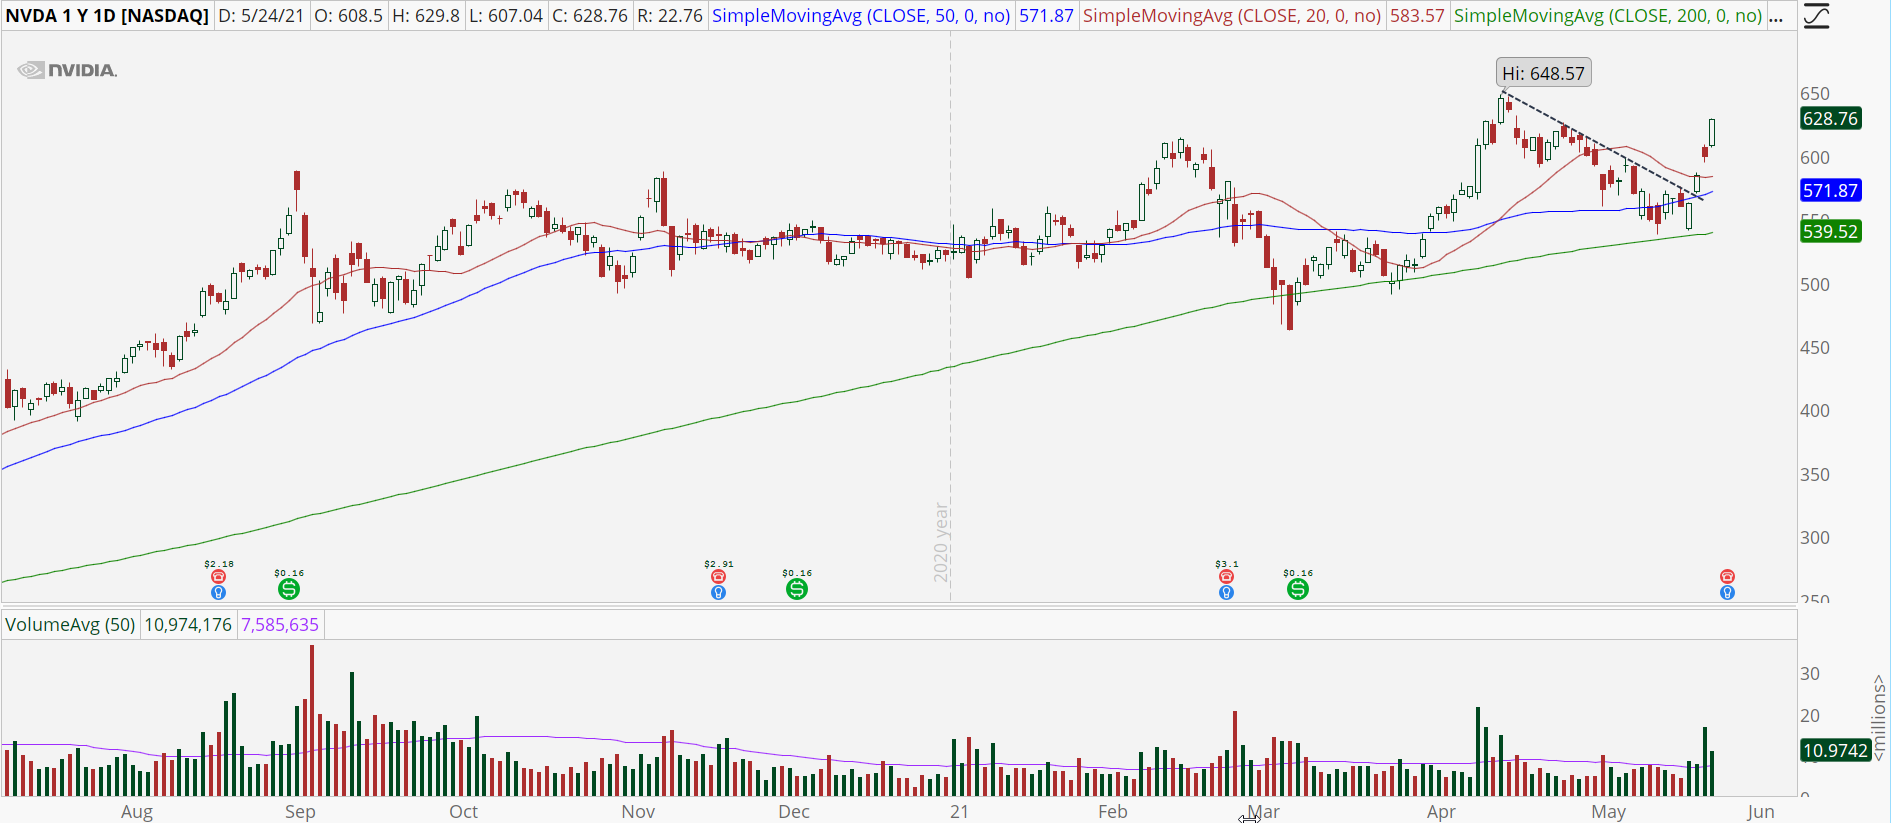 Nvidia (NVDA) stock chart with sharp rally